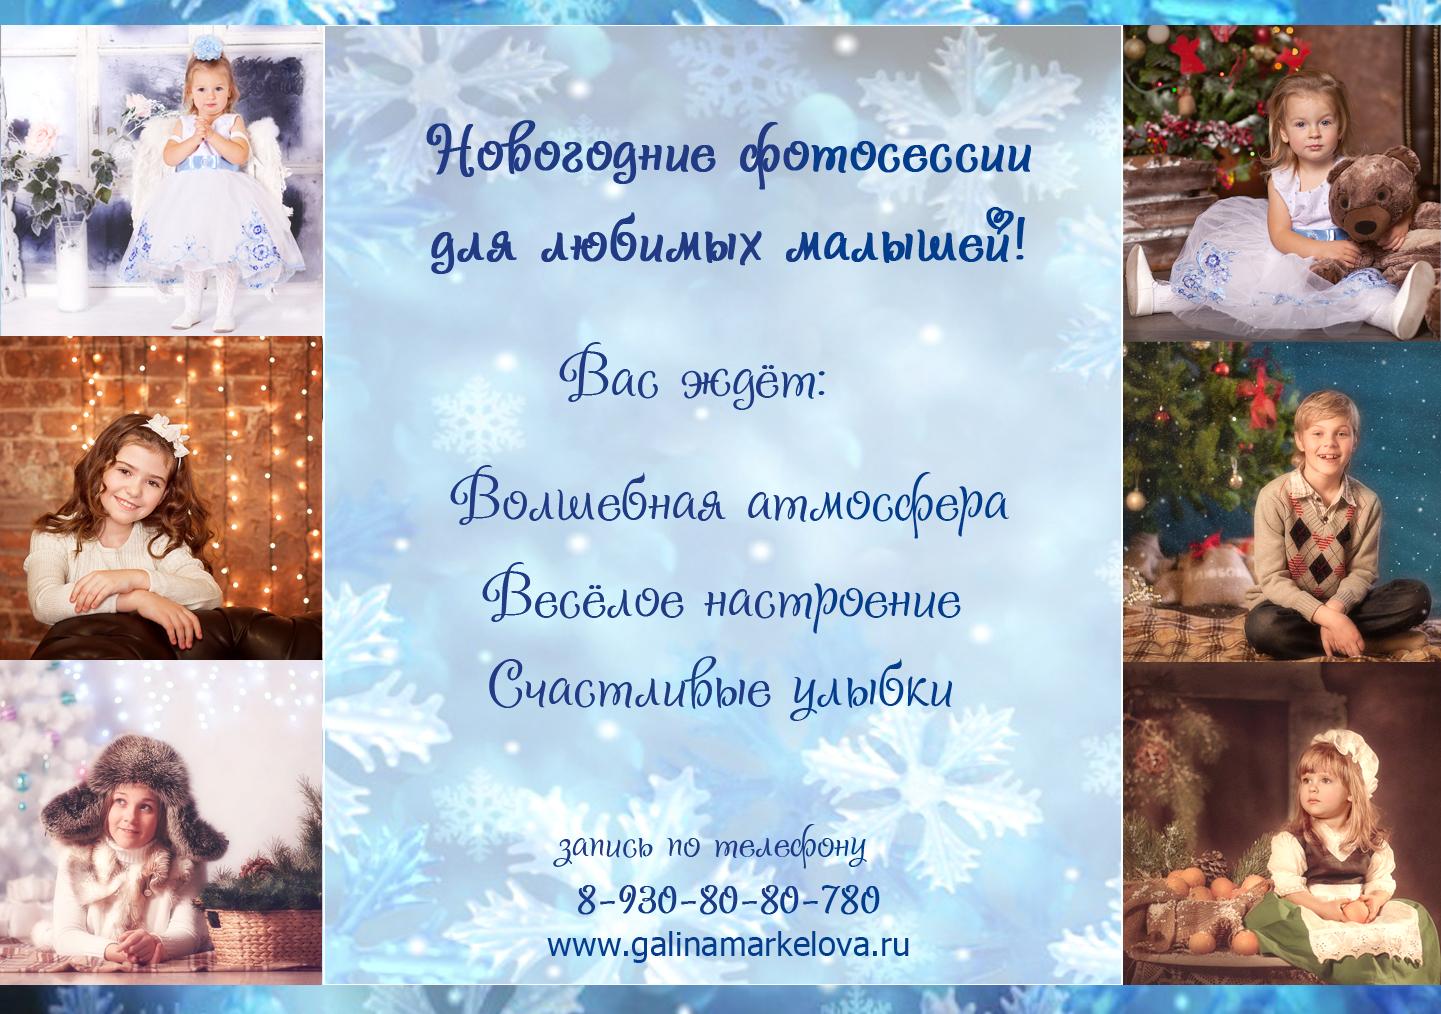 Новогодние фотосессии!